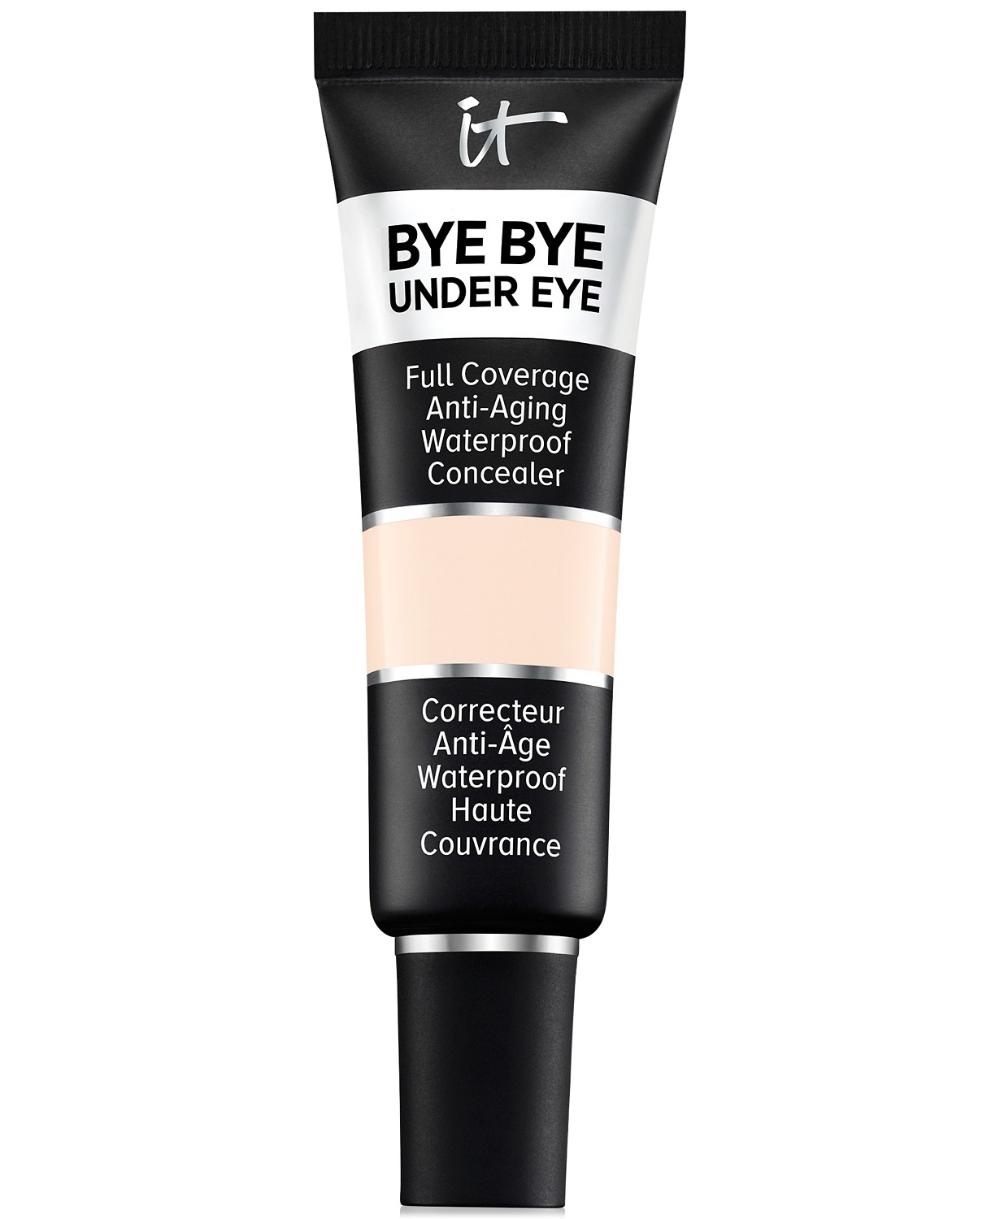 IT Cosmetics Bye Bye Under Eye Concealer & Reviews